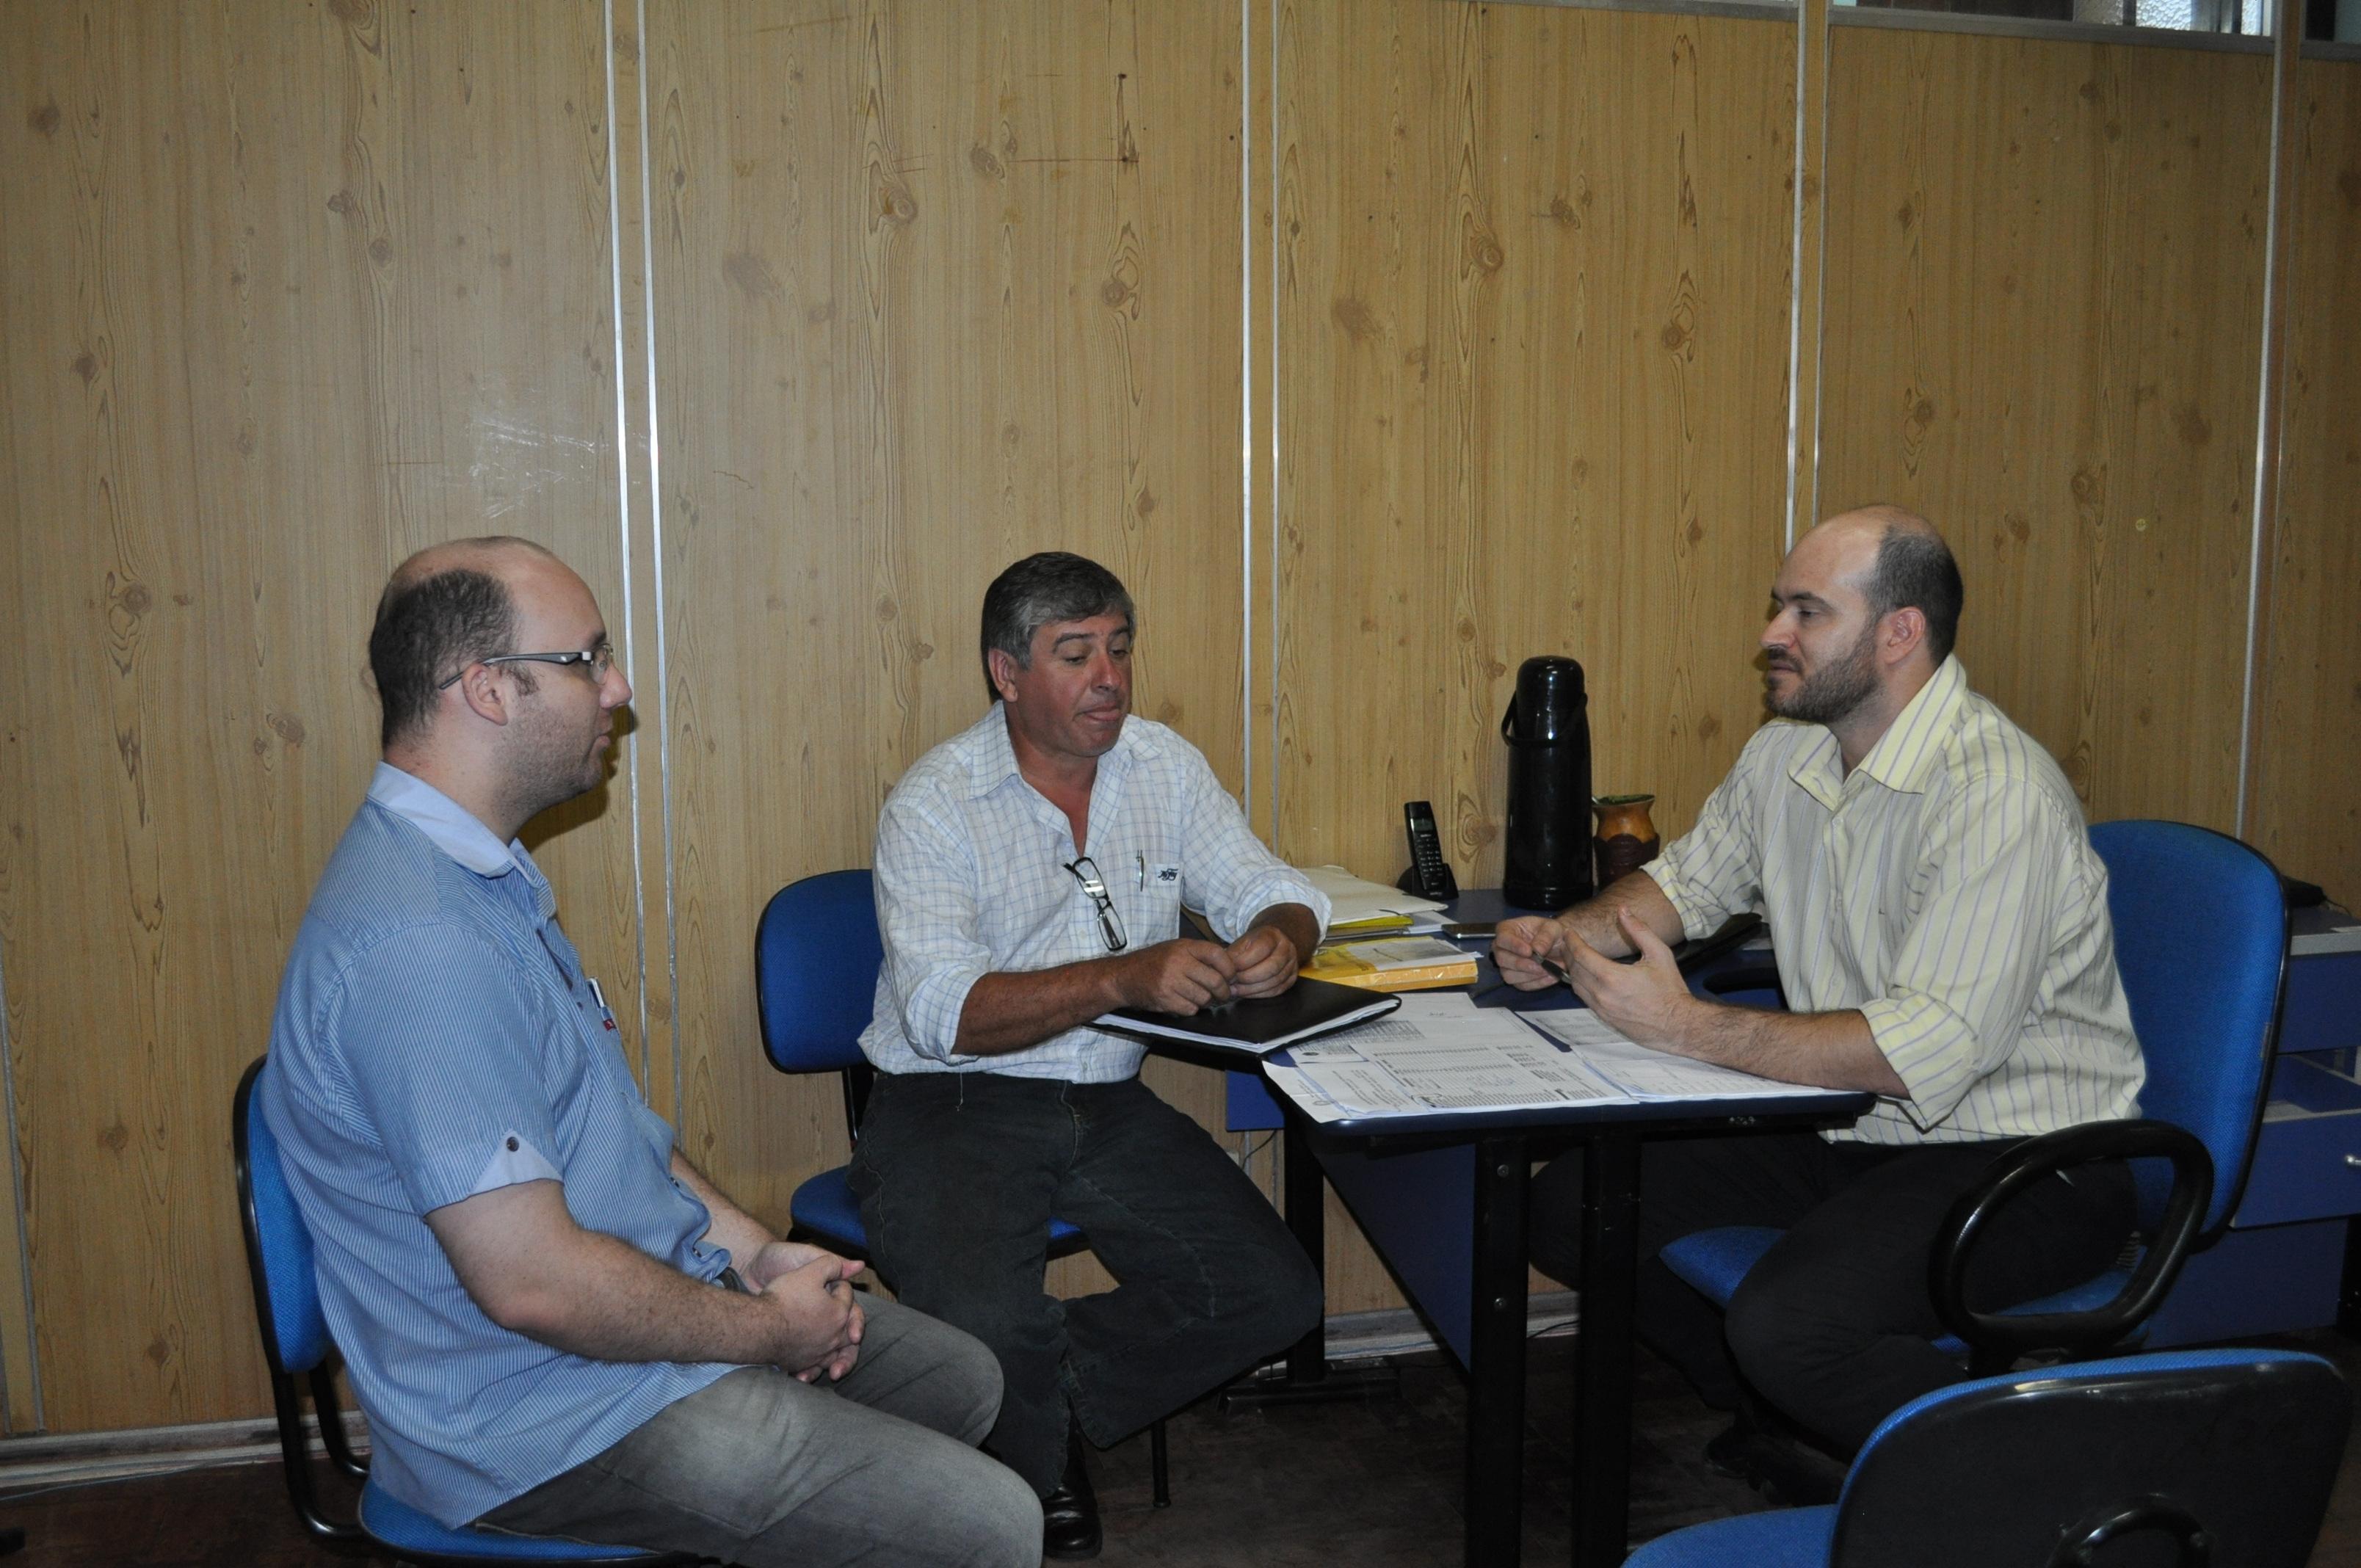 Secretário Municipal de Administração Fabiano Virgili, Analista Programador se Sistemas Anderson Ortiz e o empresário Gelson Rodrigues da Cia Cópias.